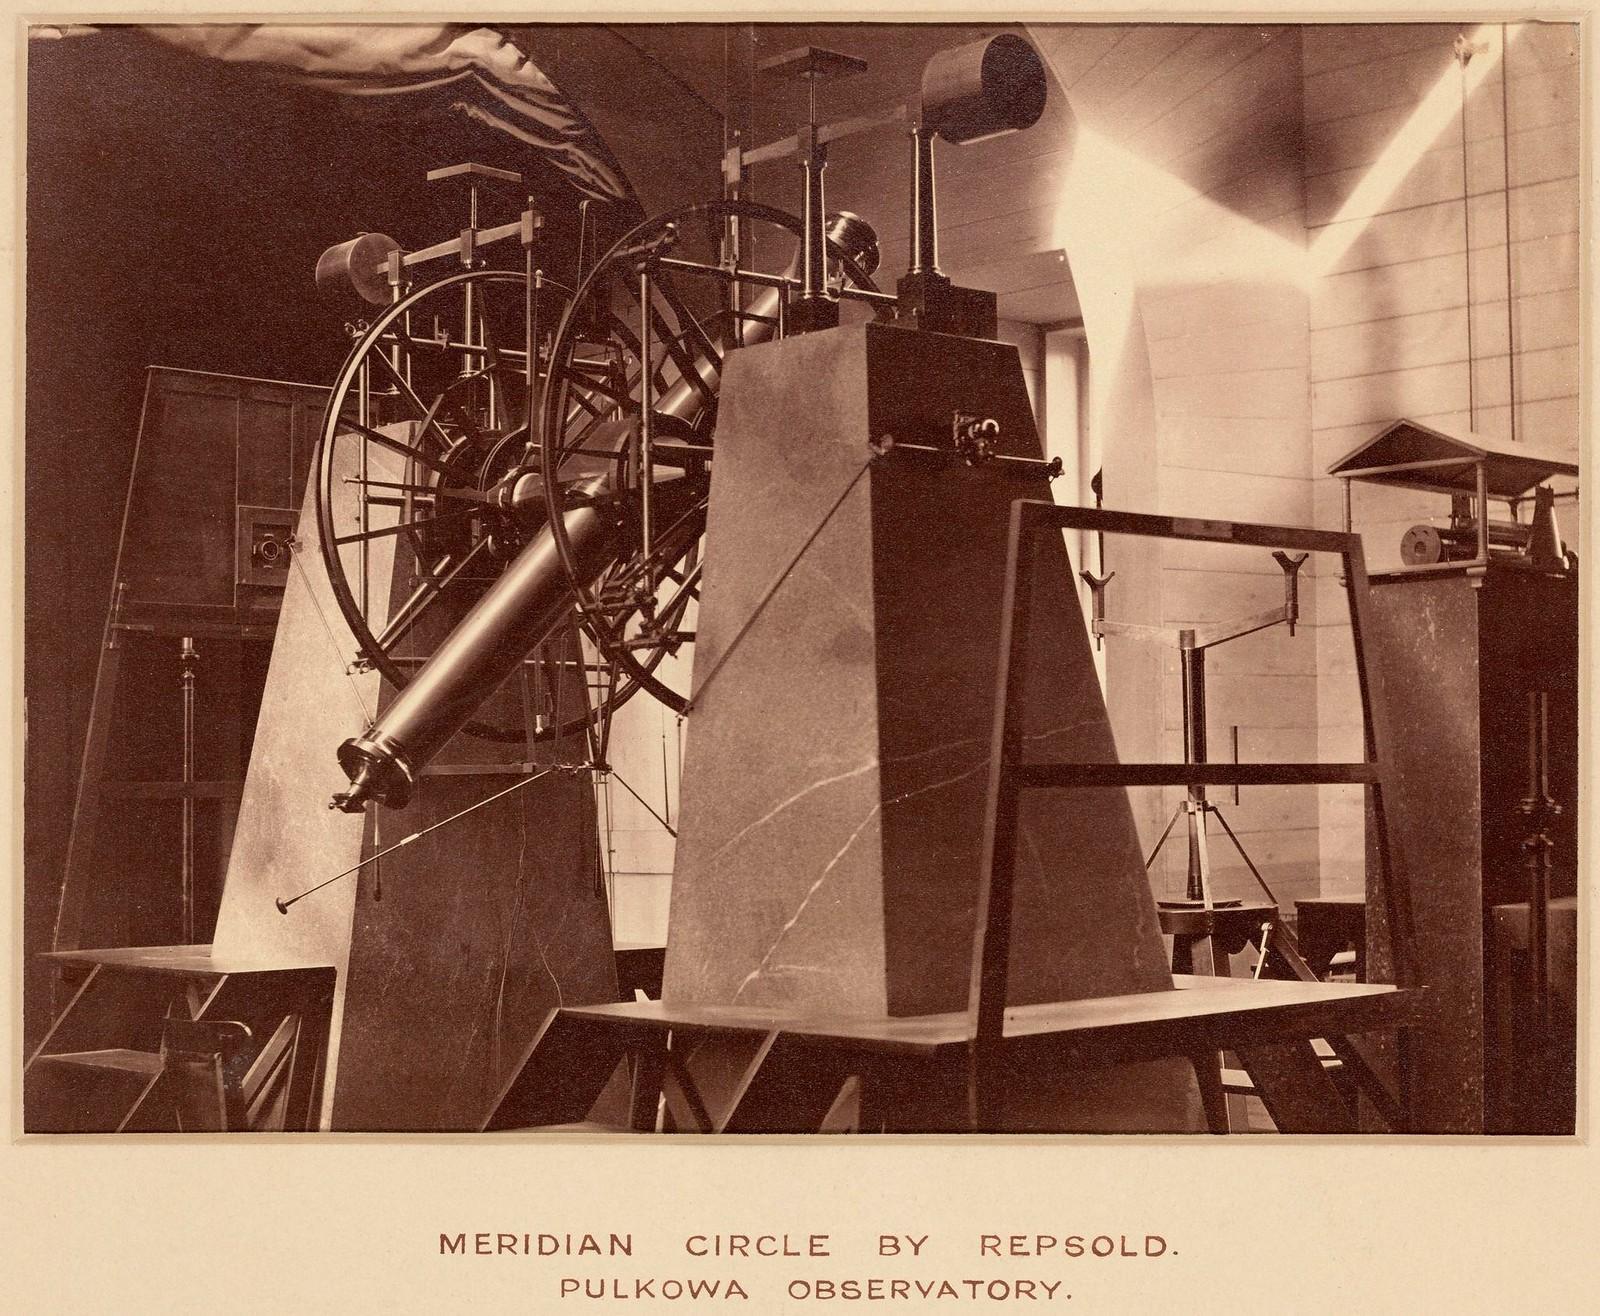 Меридианный круг Репсольда в Пулковской обсерватории